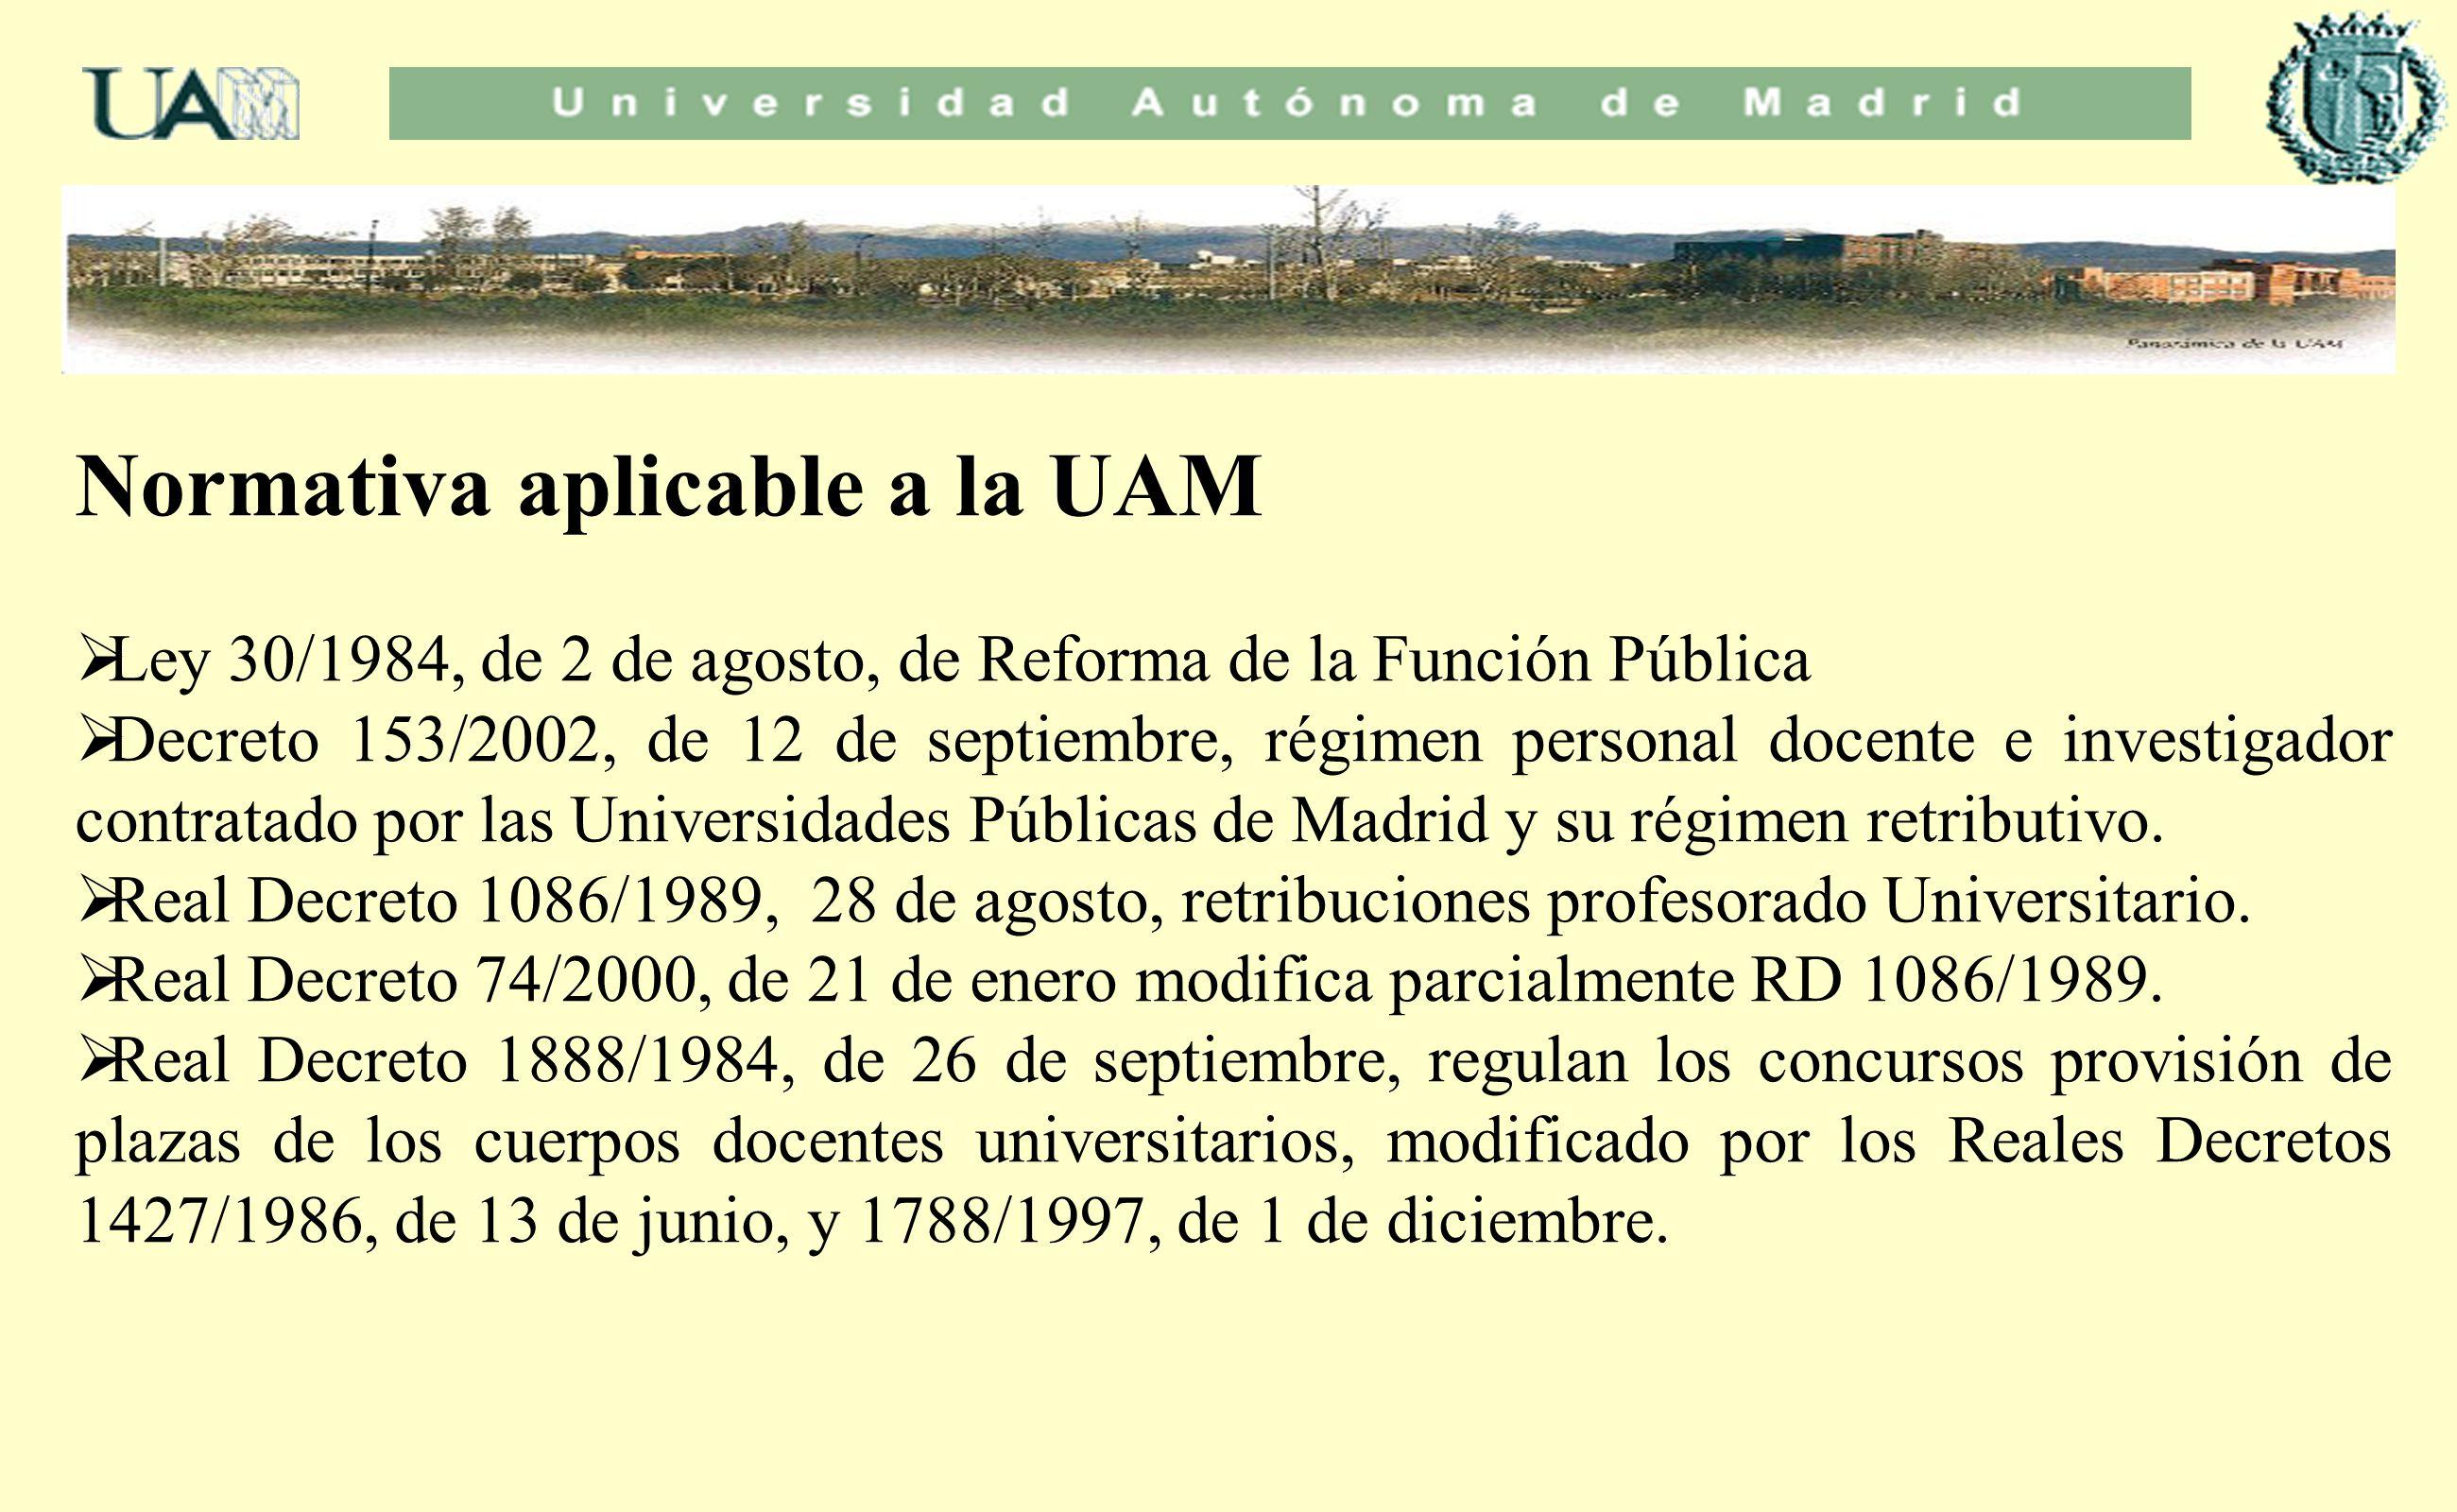 Normativa aplicable a la UAM Ley 30/1984, de 2 de agosto, de Reforma de la Función Pública Decreto 153/2002, de 12 de septiembre, régimen personal doc